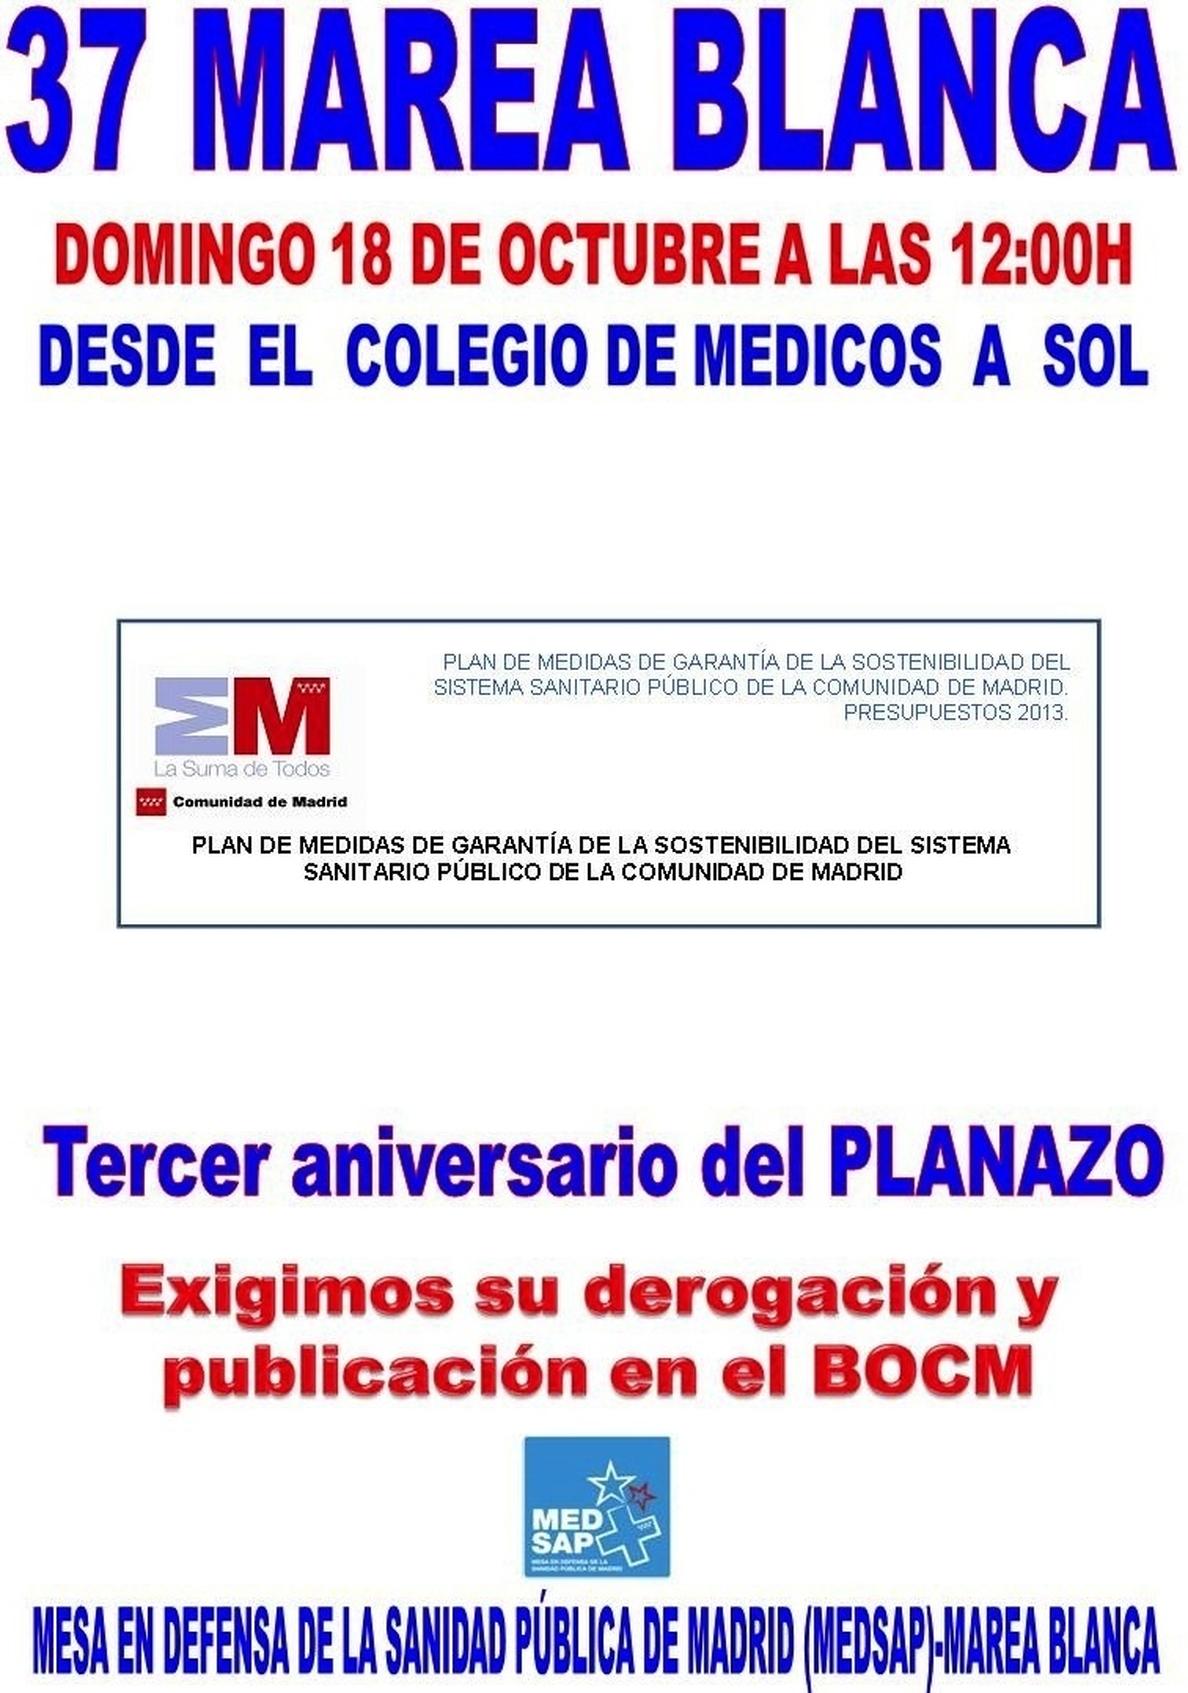 La Marea Blanca marchará para pedir la derogación del Plan de Sostenibilidad de la Sanidad Pública madrileña